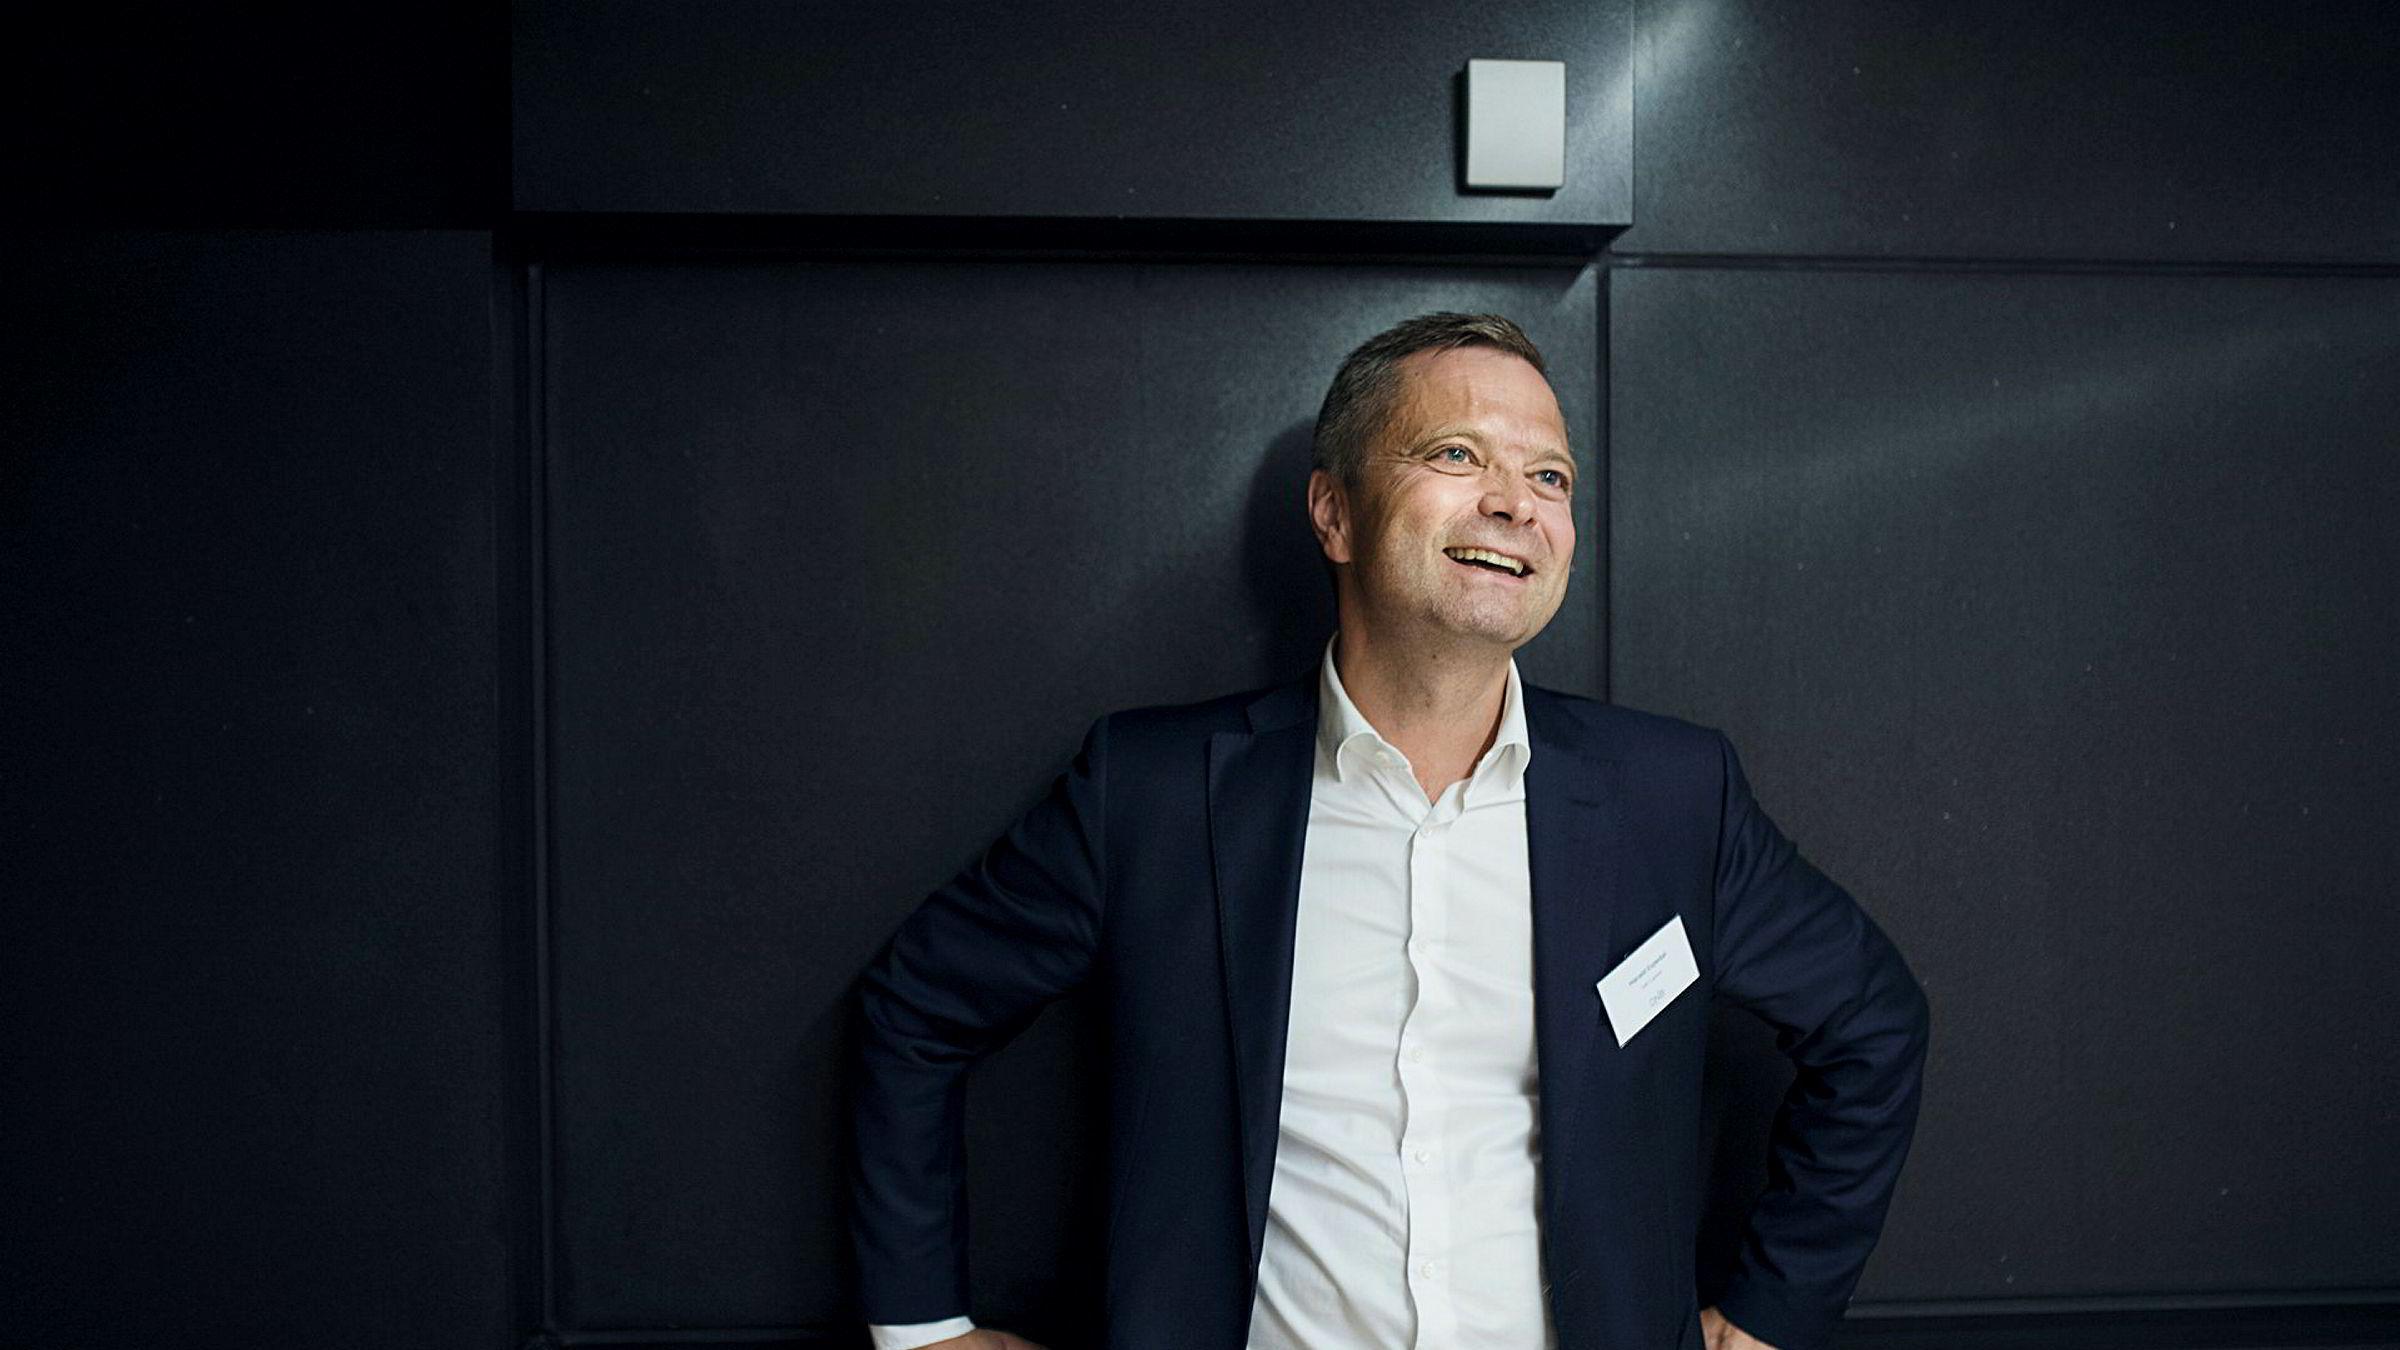 Tidligere Skagen-topp Harald Espedal jobbet for fusjon mellom Skagenfondene og SR-Bank. Det gikk i vasken.